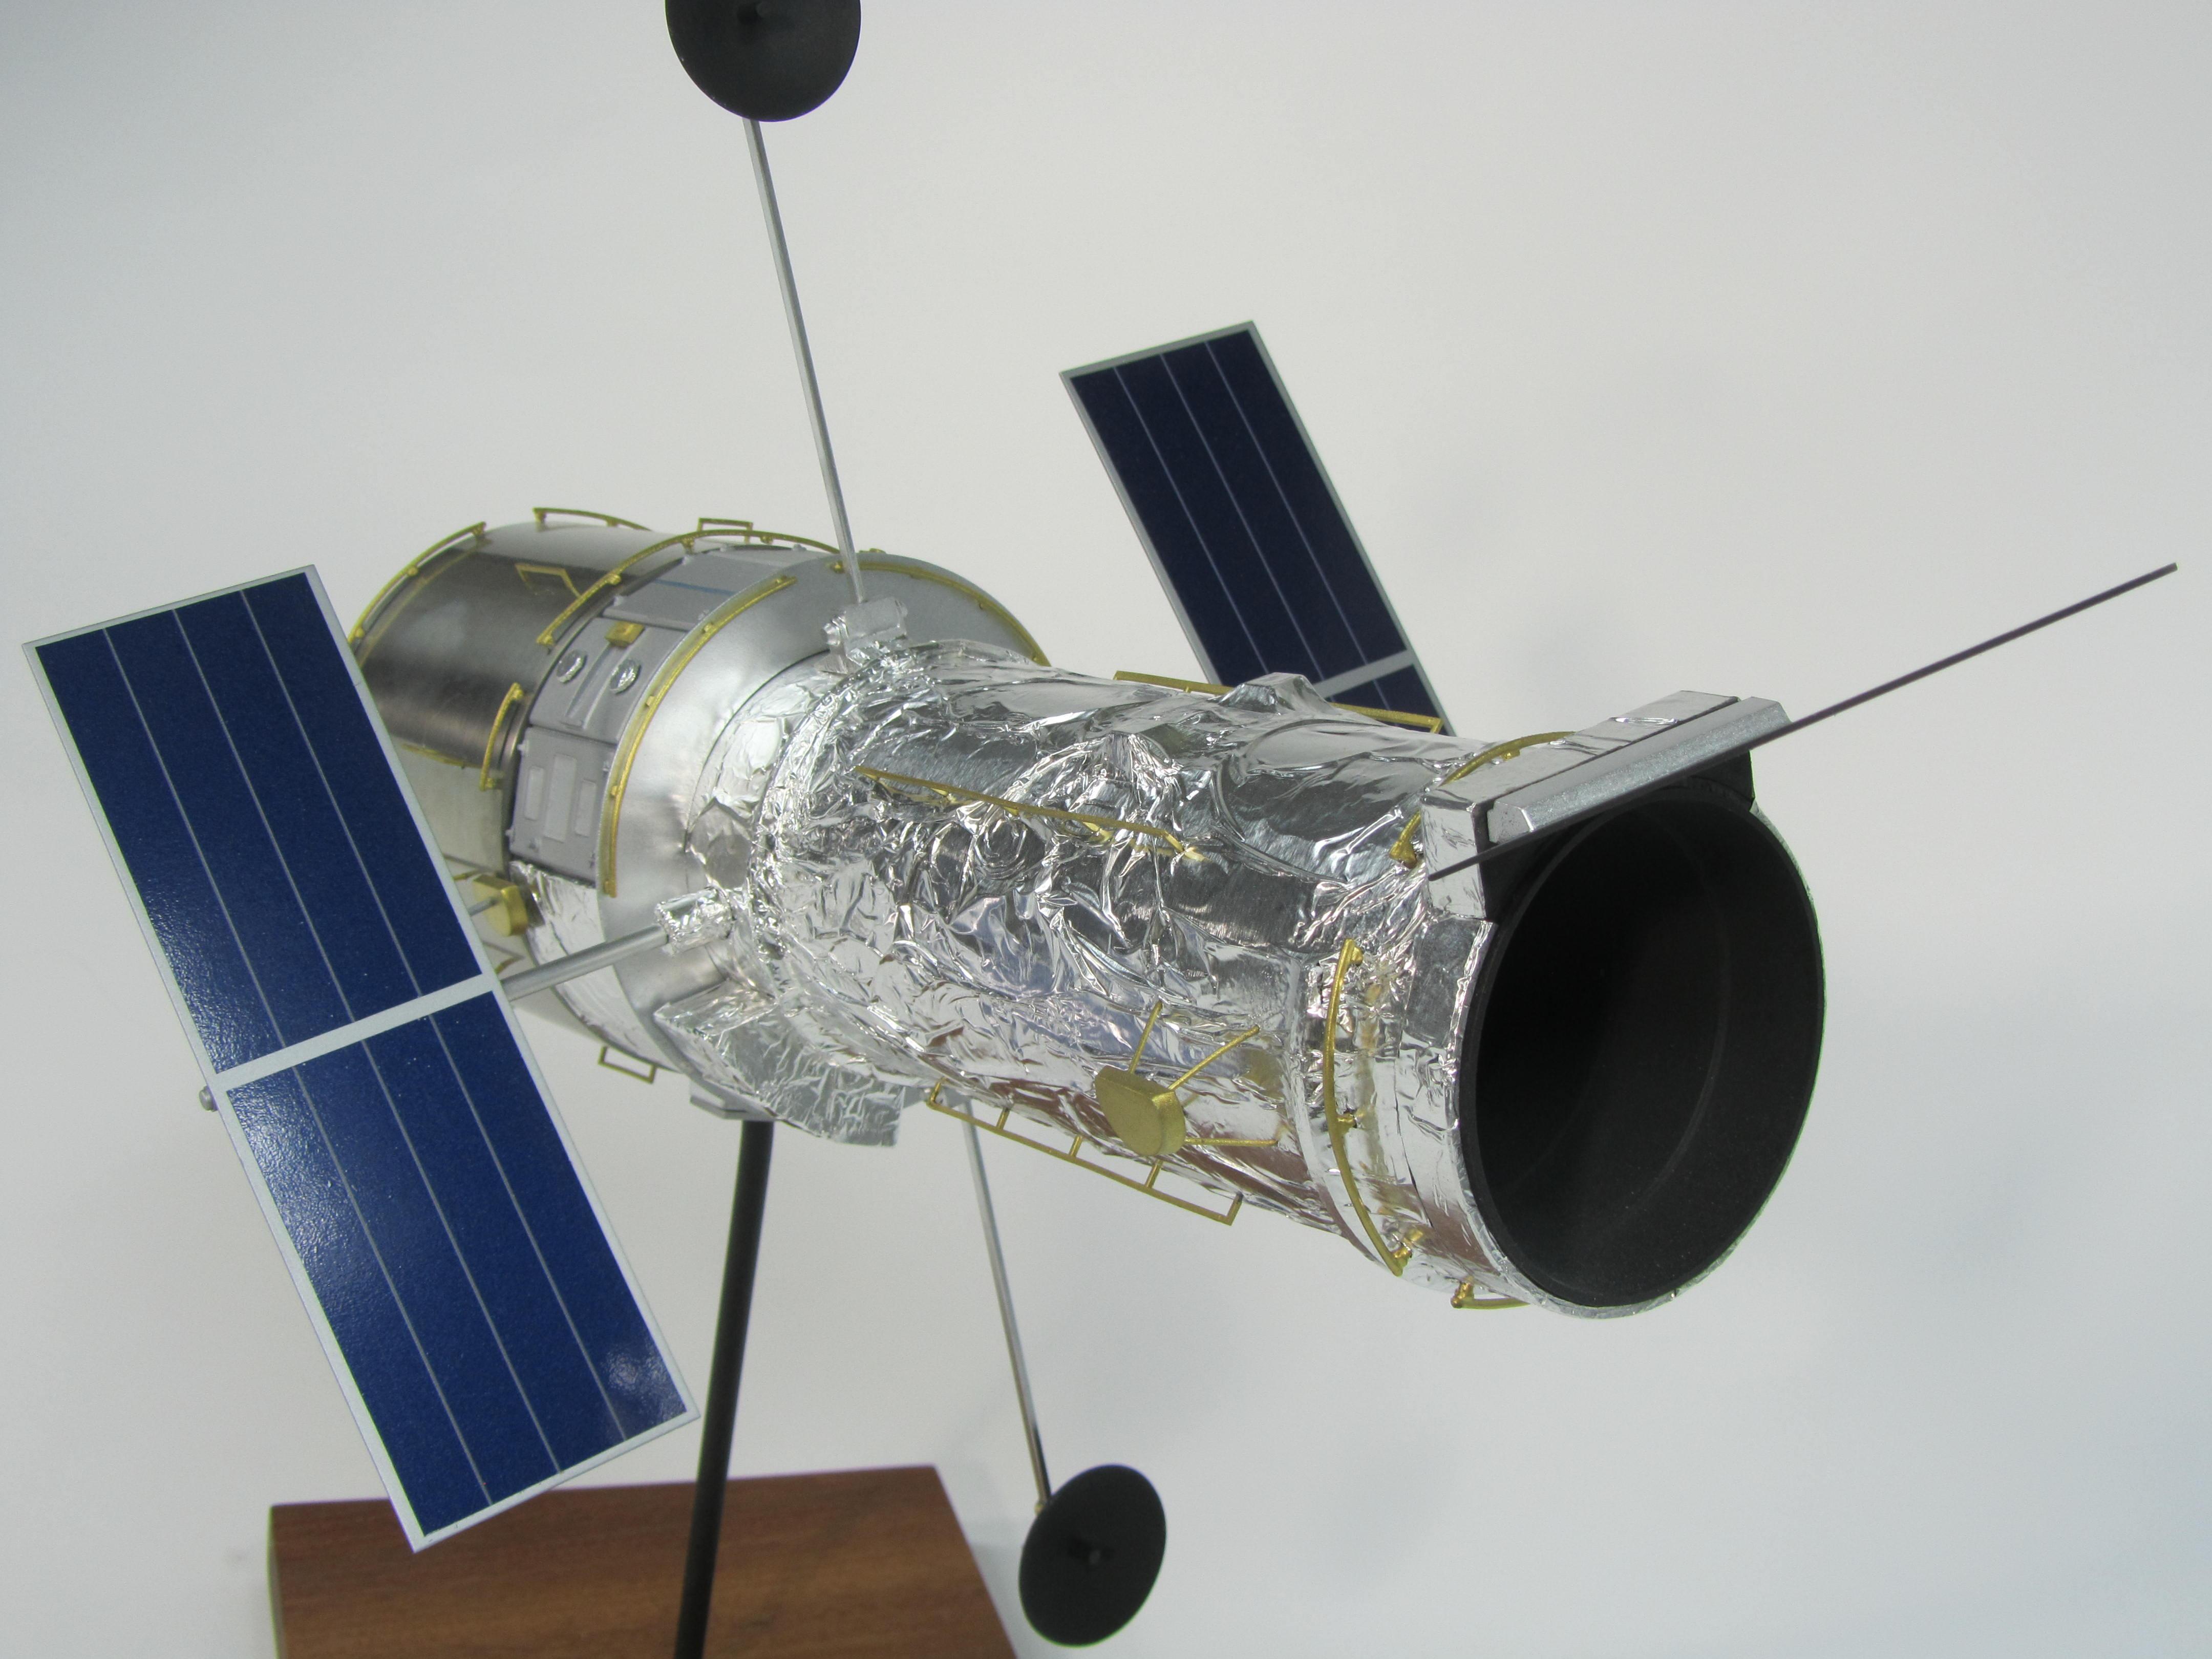 pennwalt model hubble space telescope - photo #4